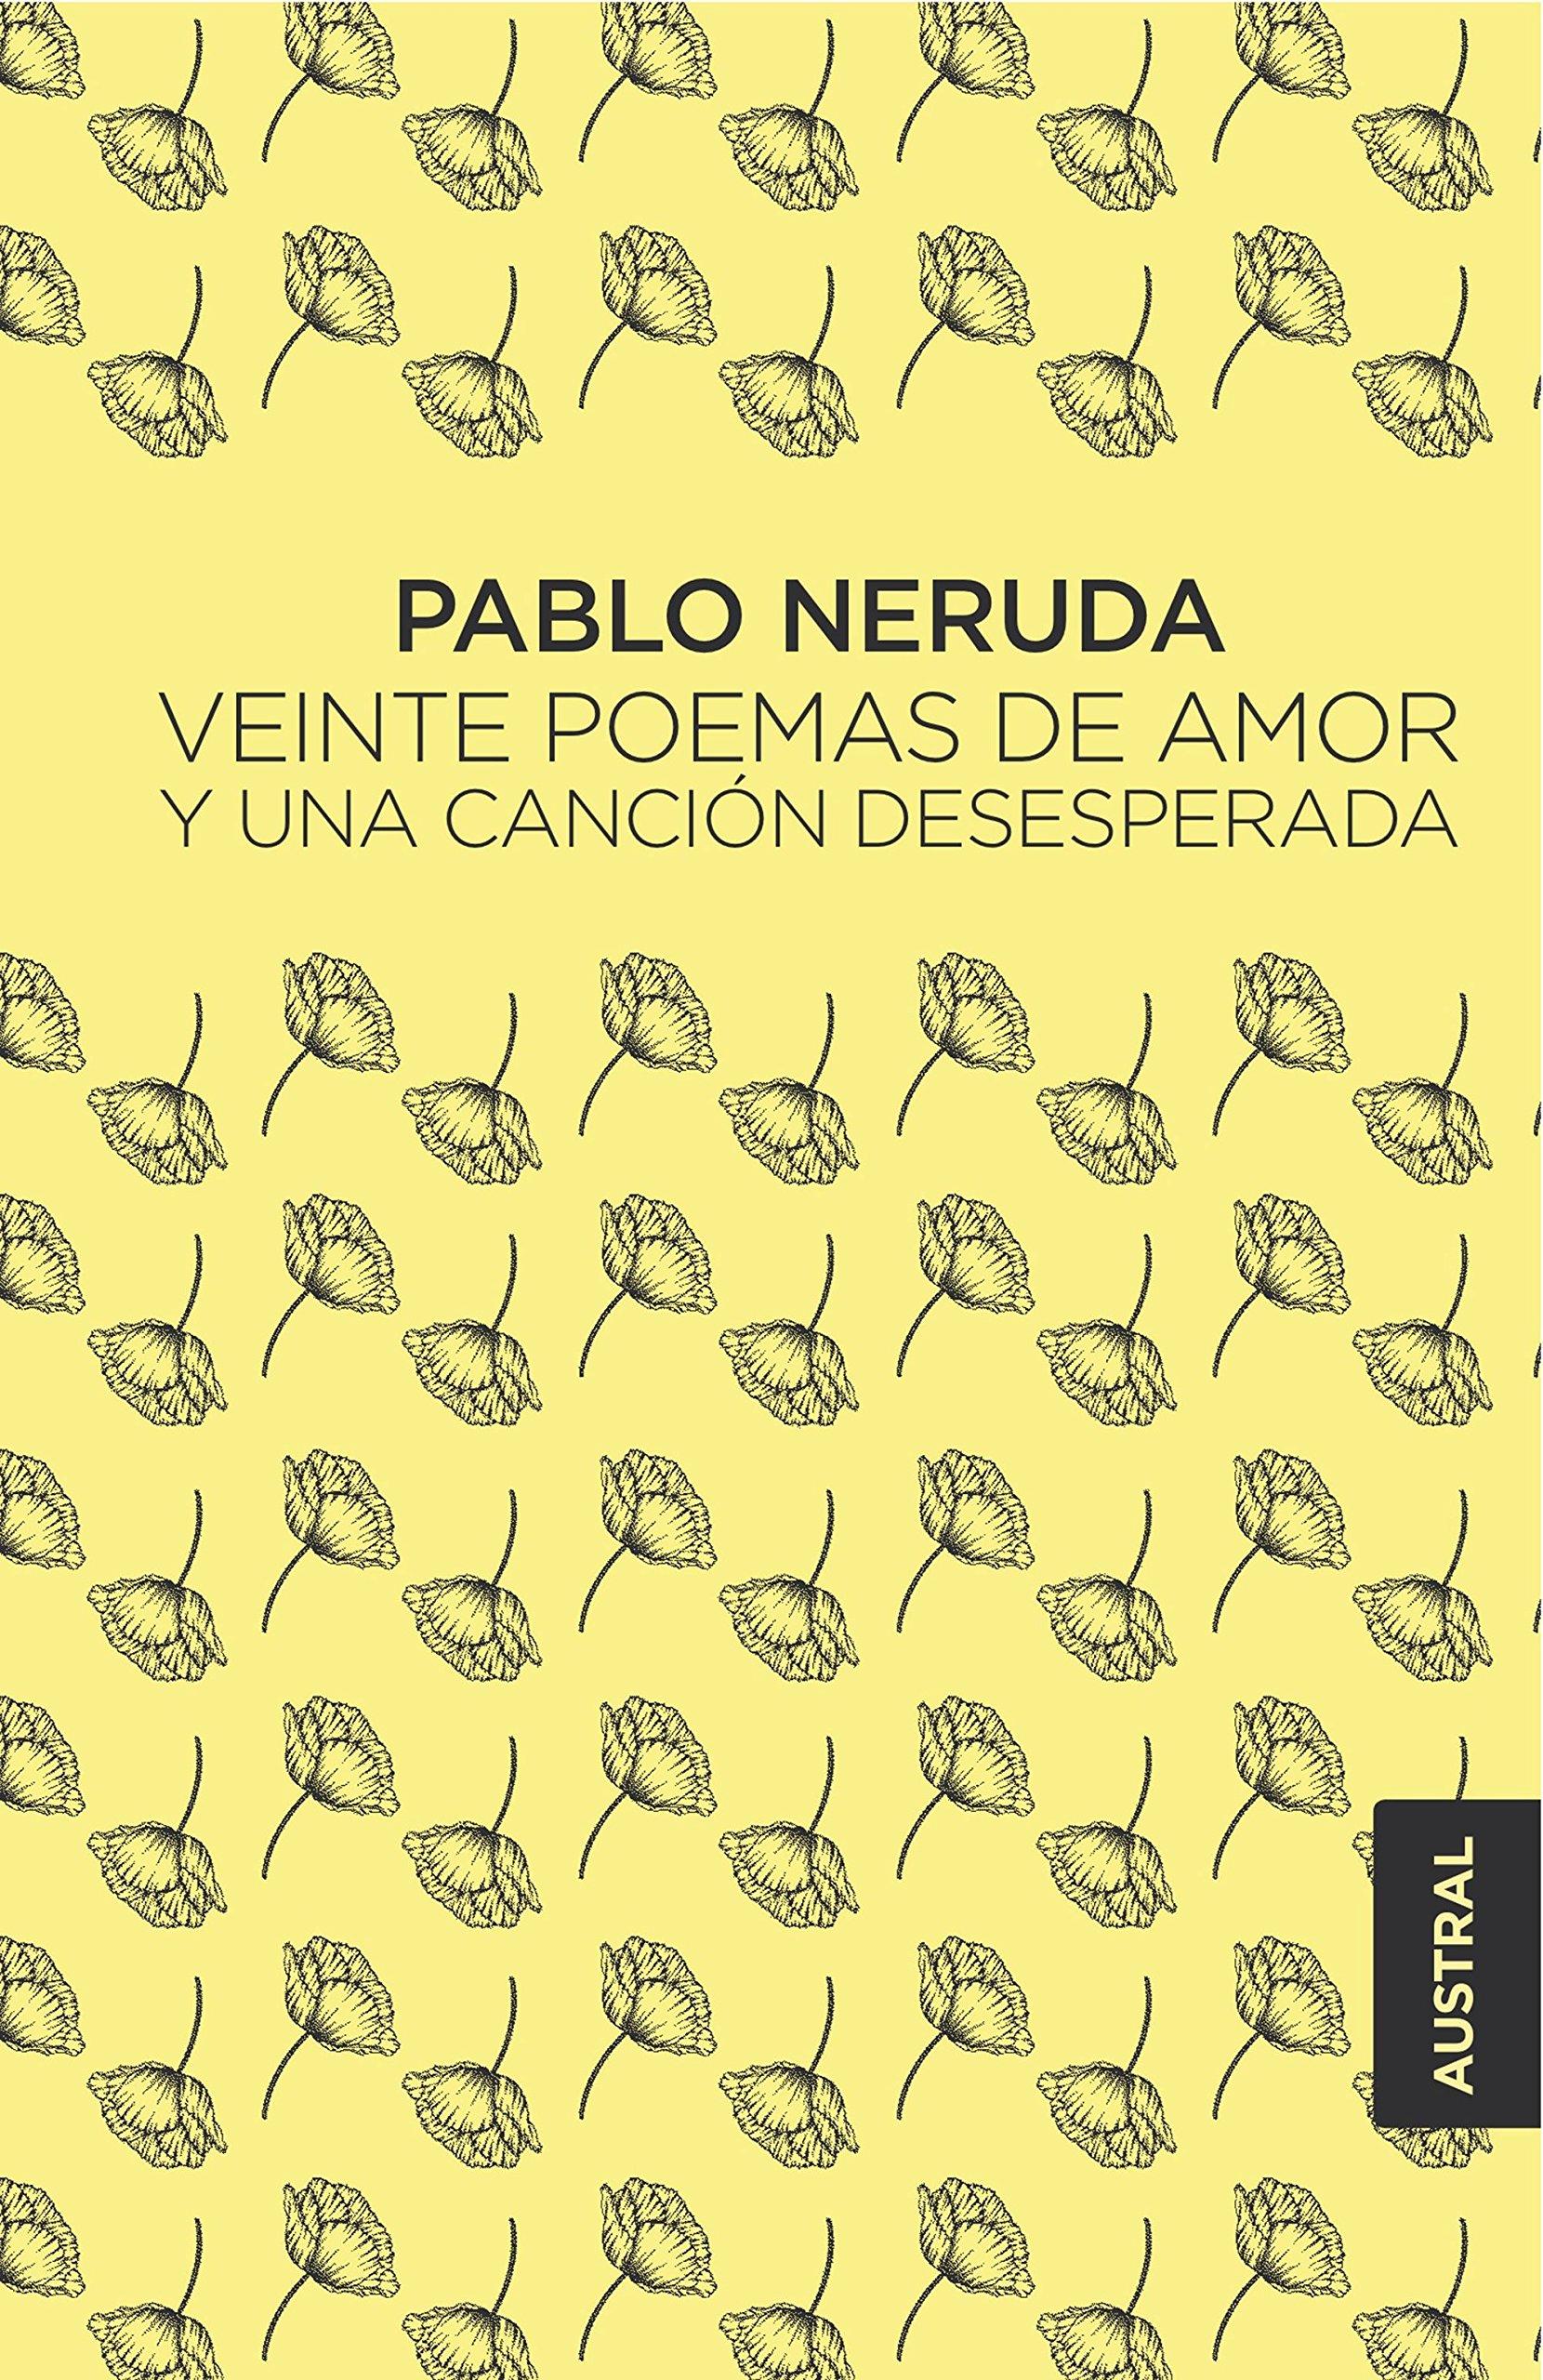 Veinte poemas de amor y una canción desesperada, Pablo Neruda